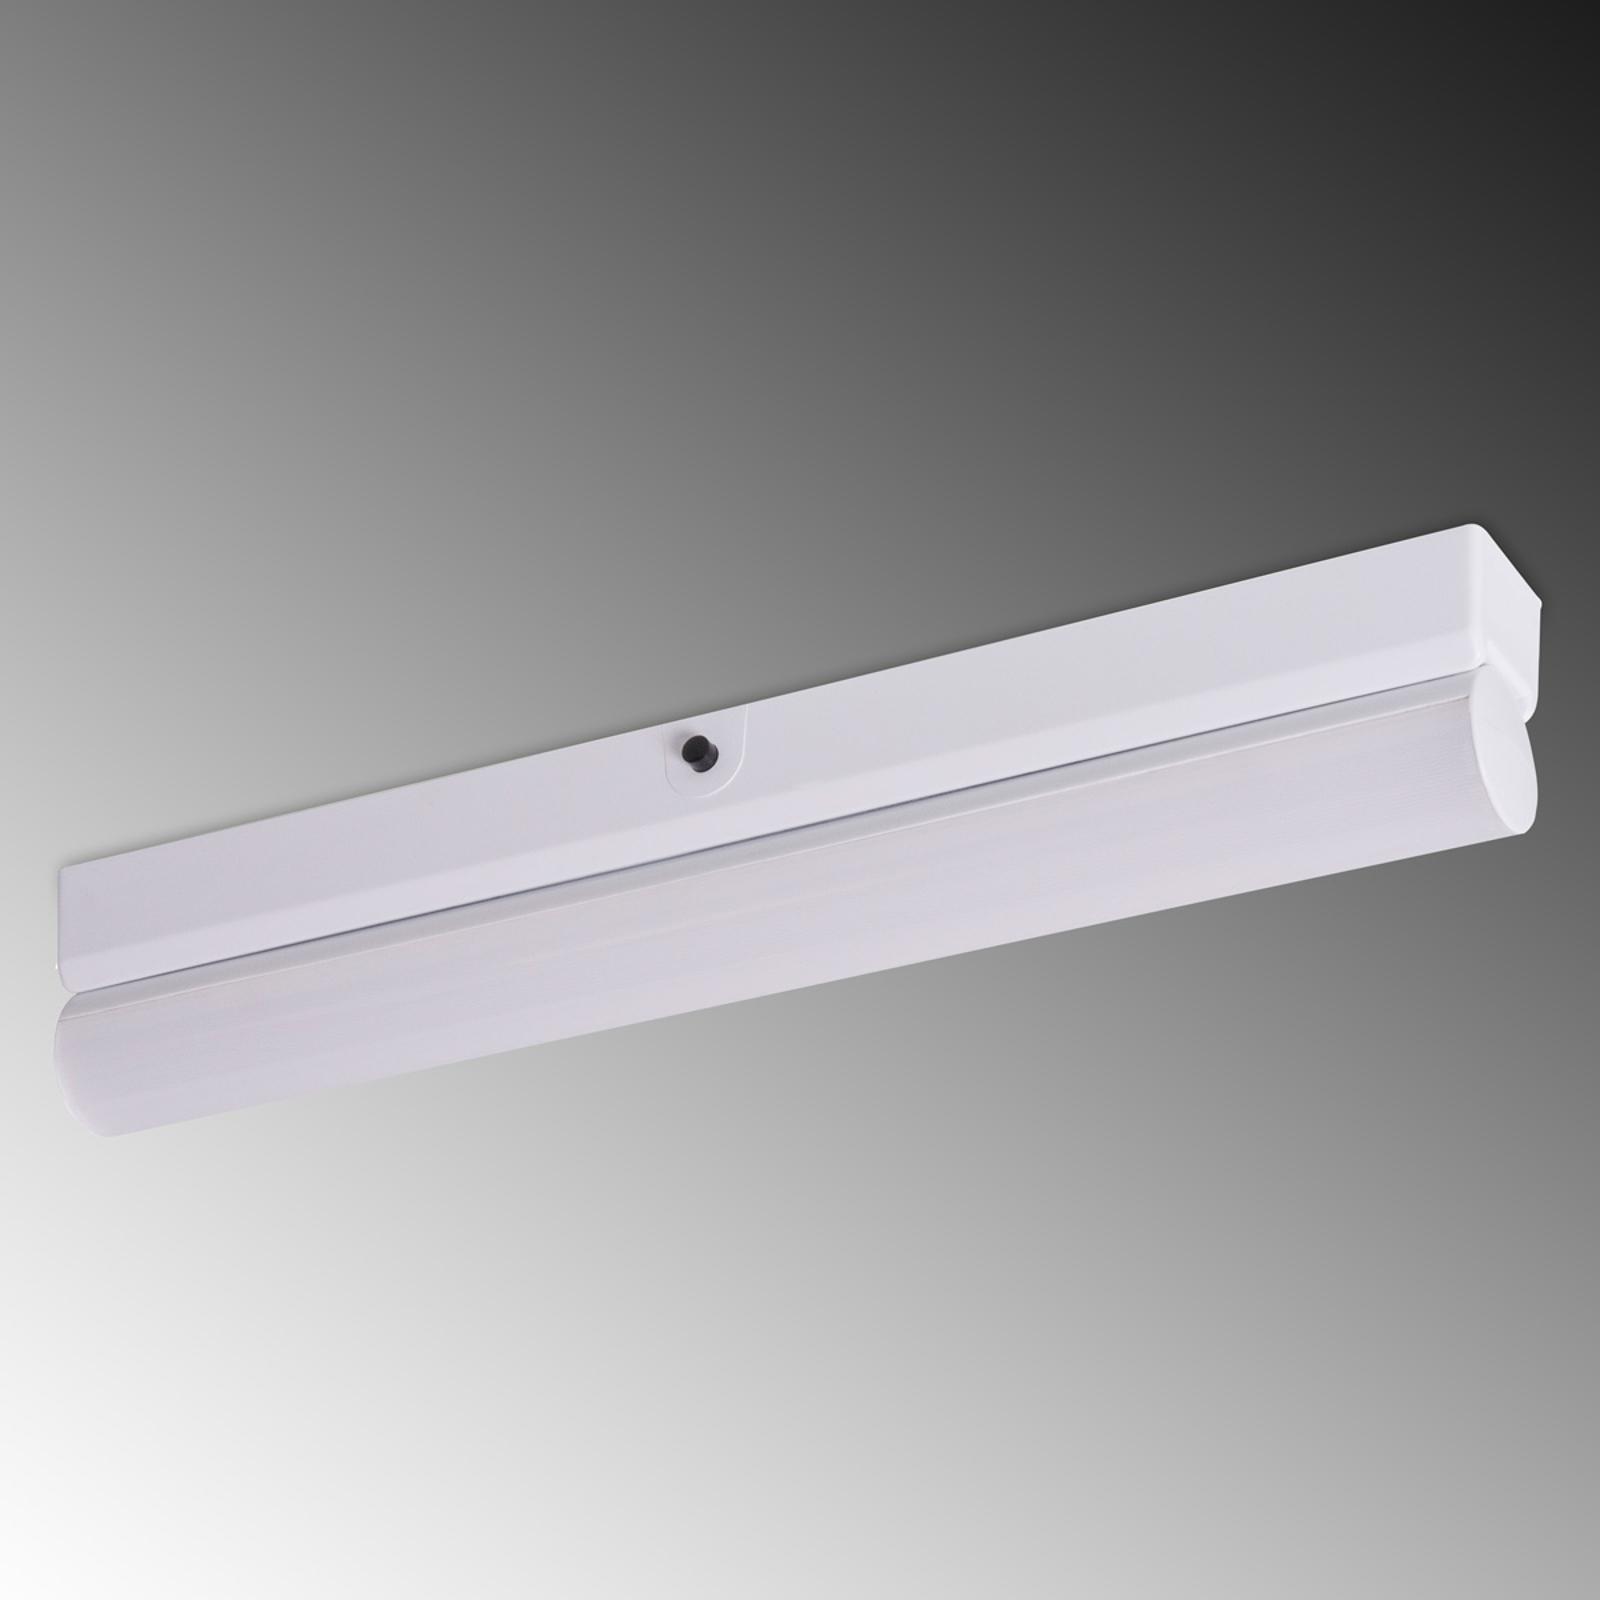 LED-kaapinalusvalaisin Star LED Combi